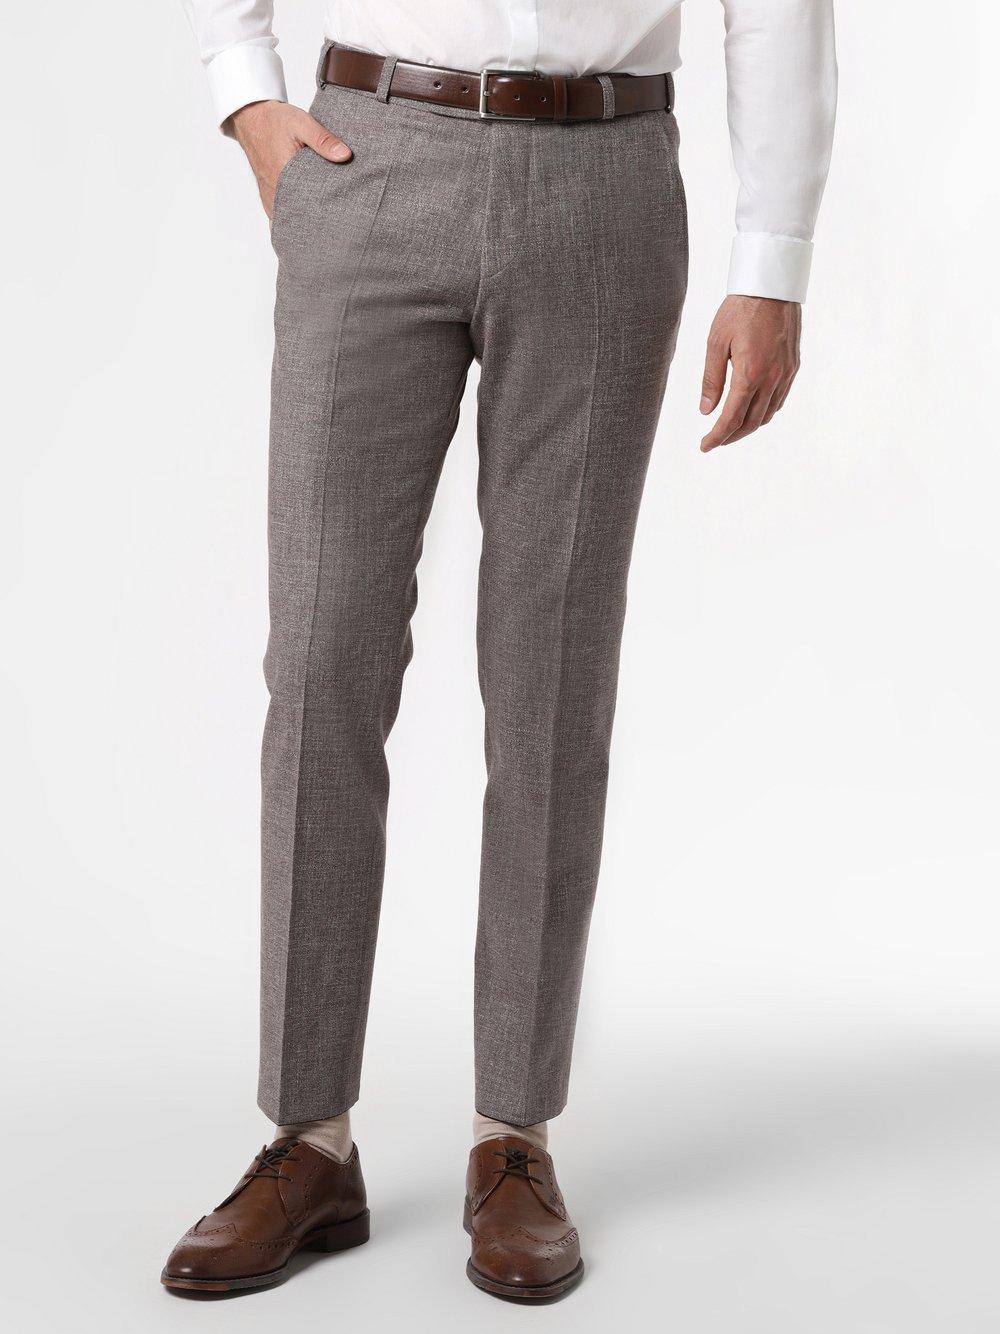 Wilvorst - Męskie spodnie od garnituru modułowego z dodatkiem lnu, brązowy